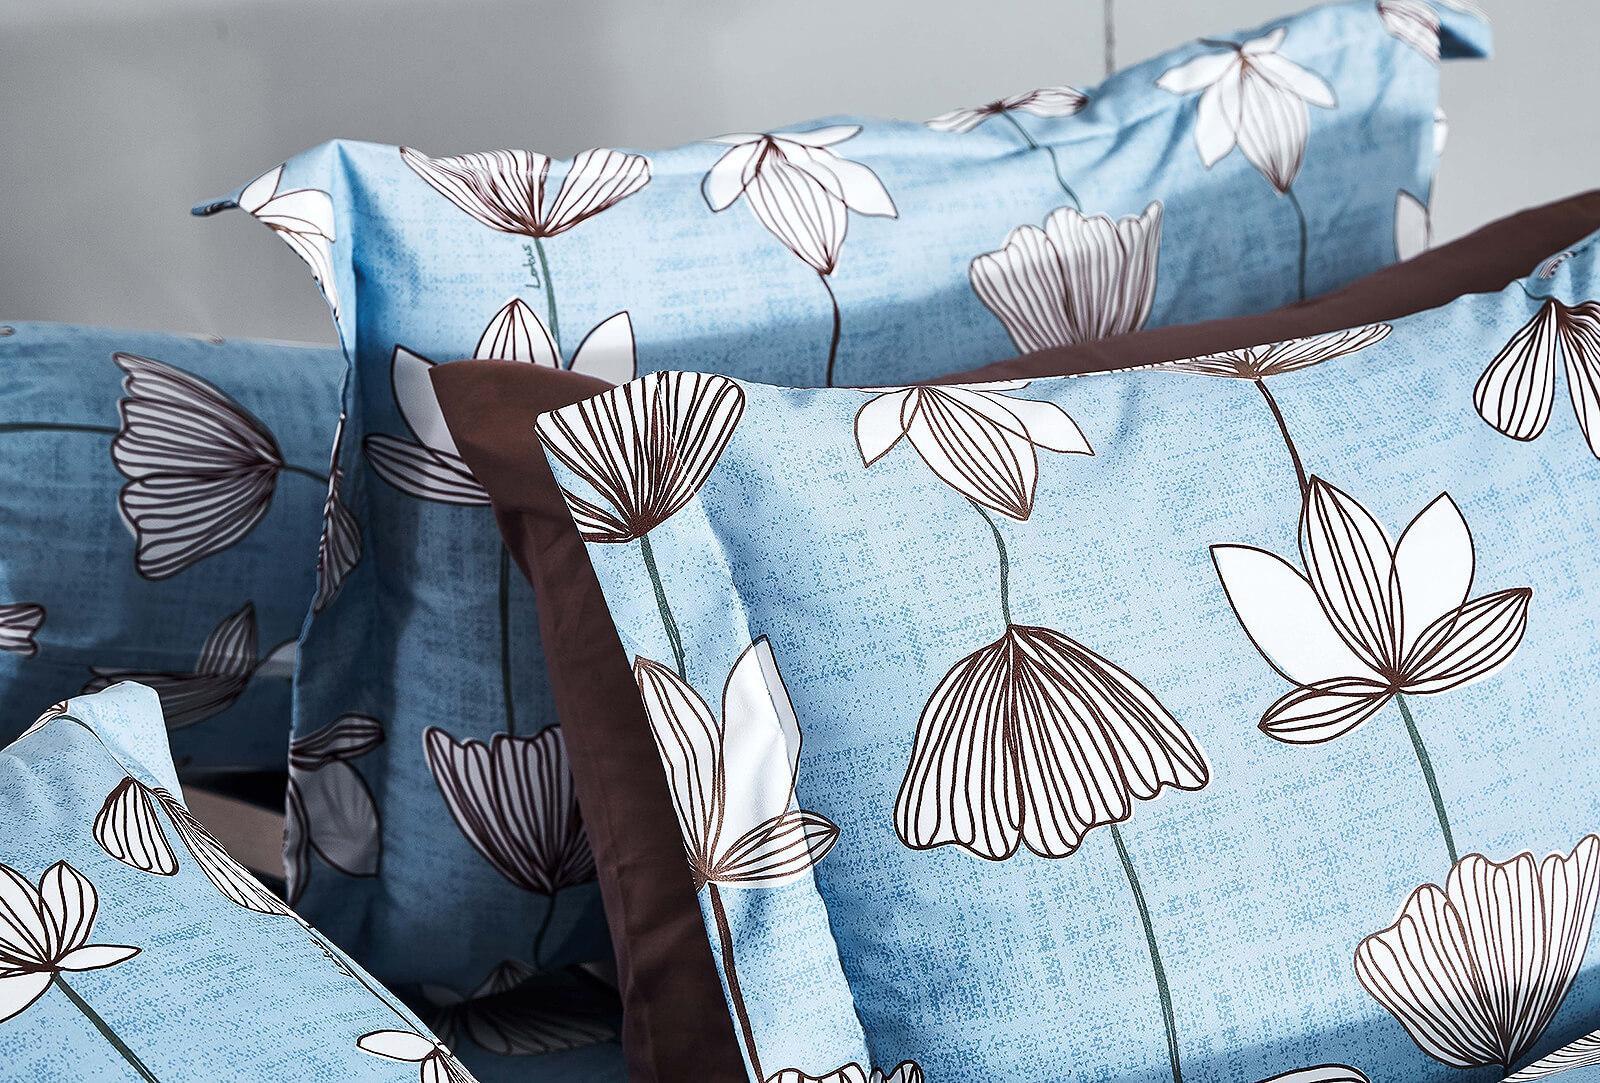 Lotus รุ่น Impression ชุดผ้าปูที่นอน LI-062